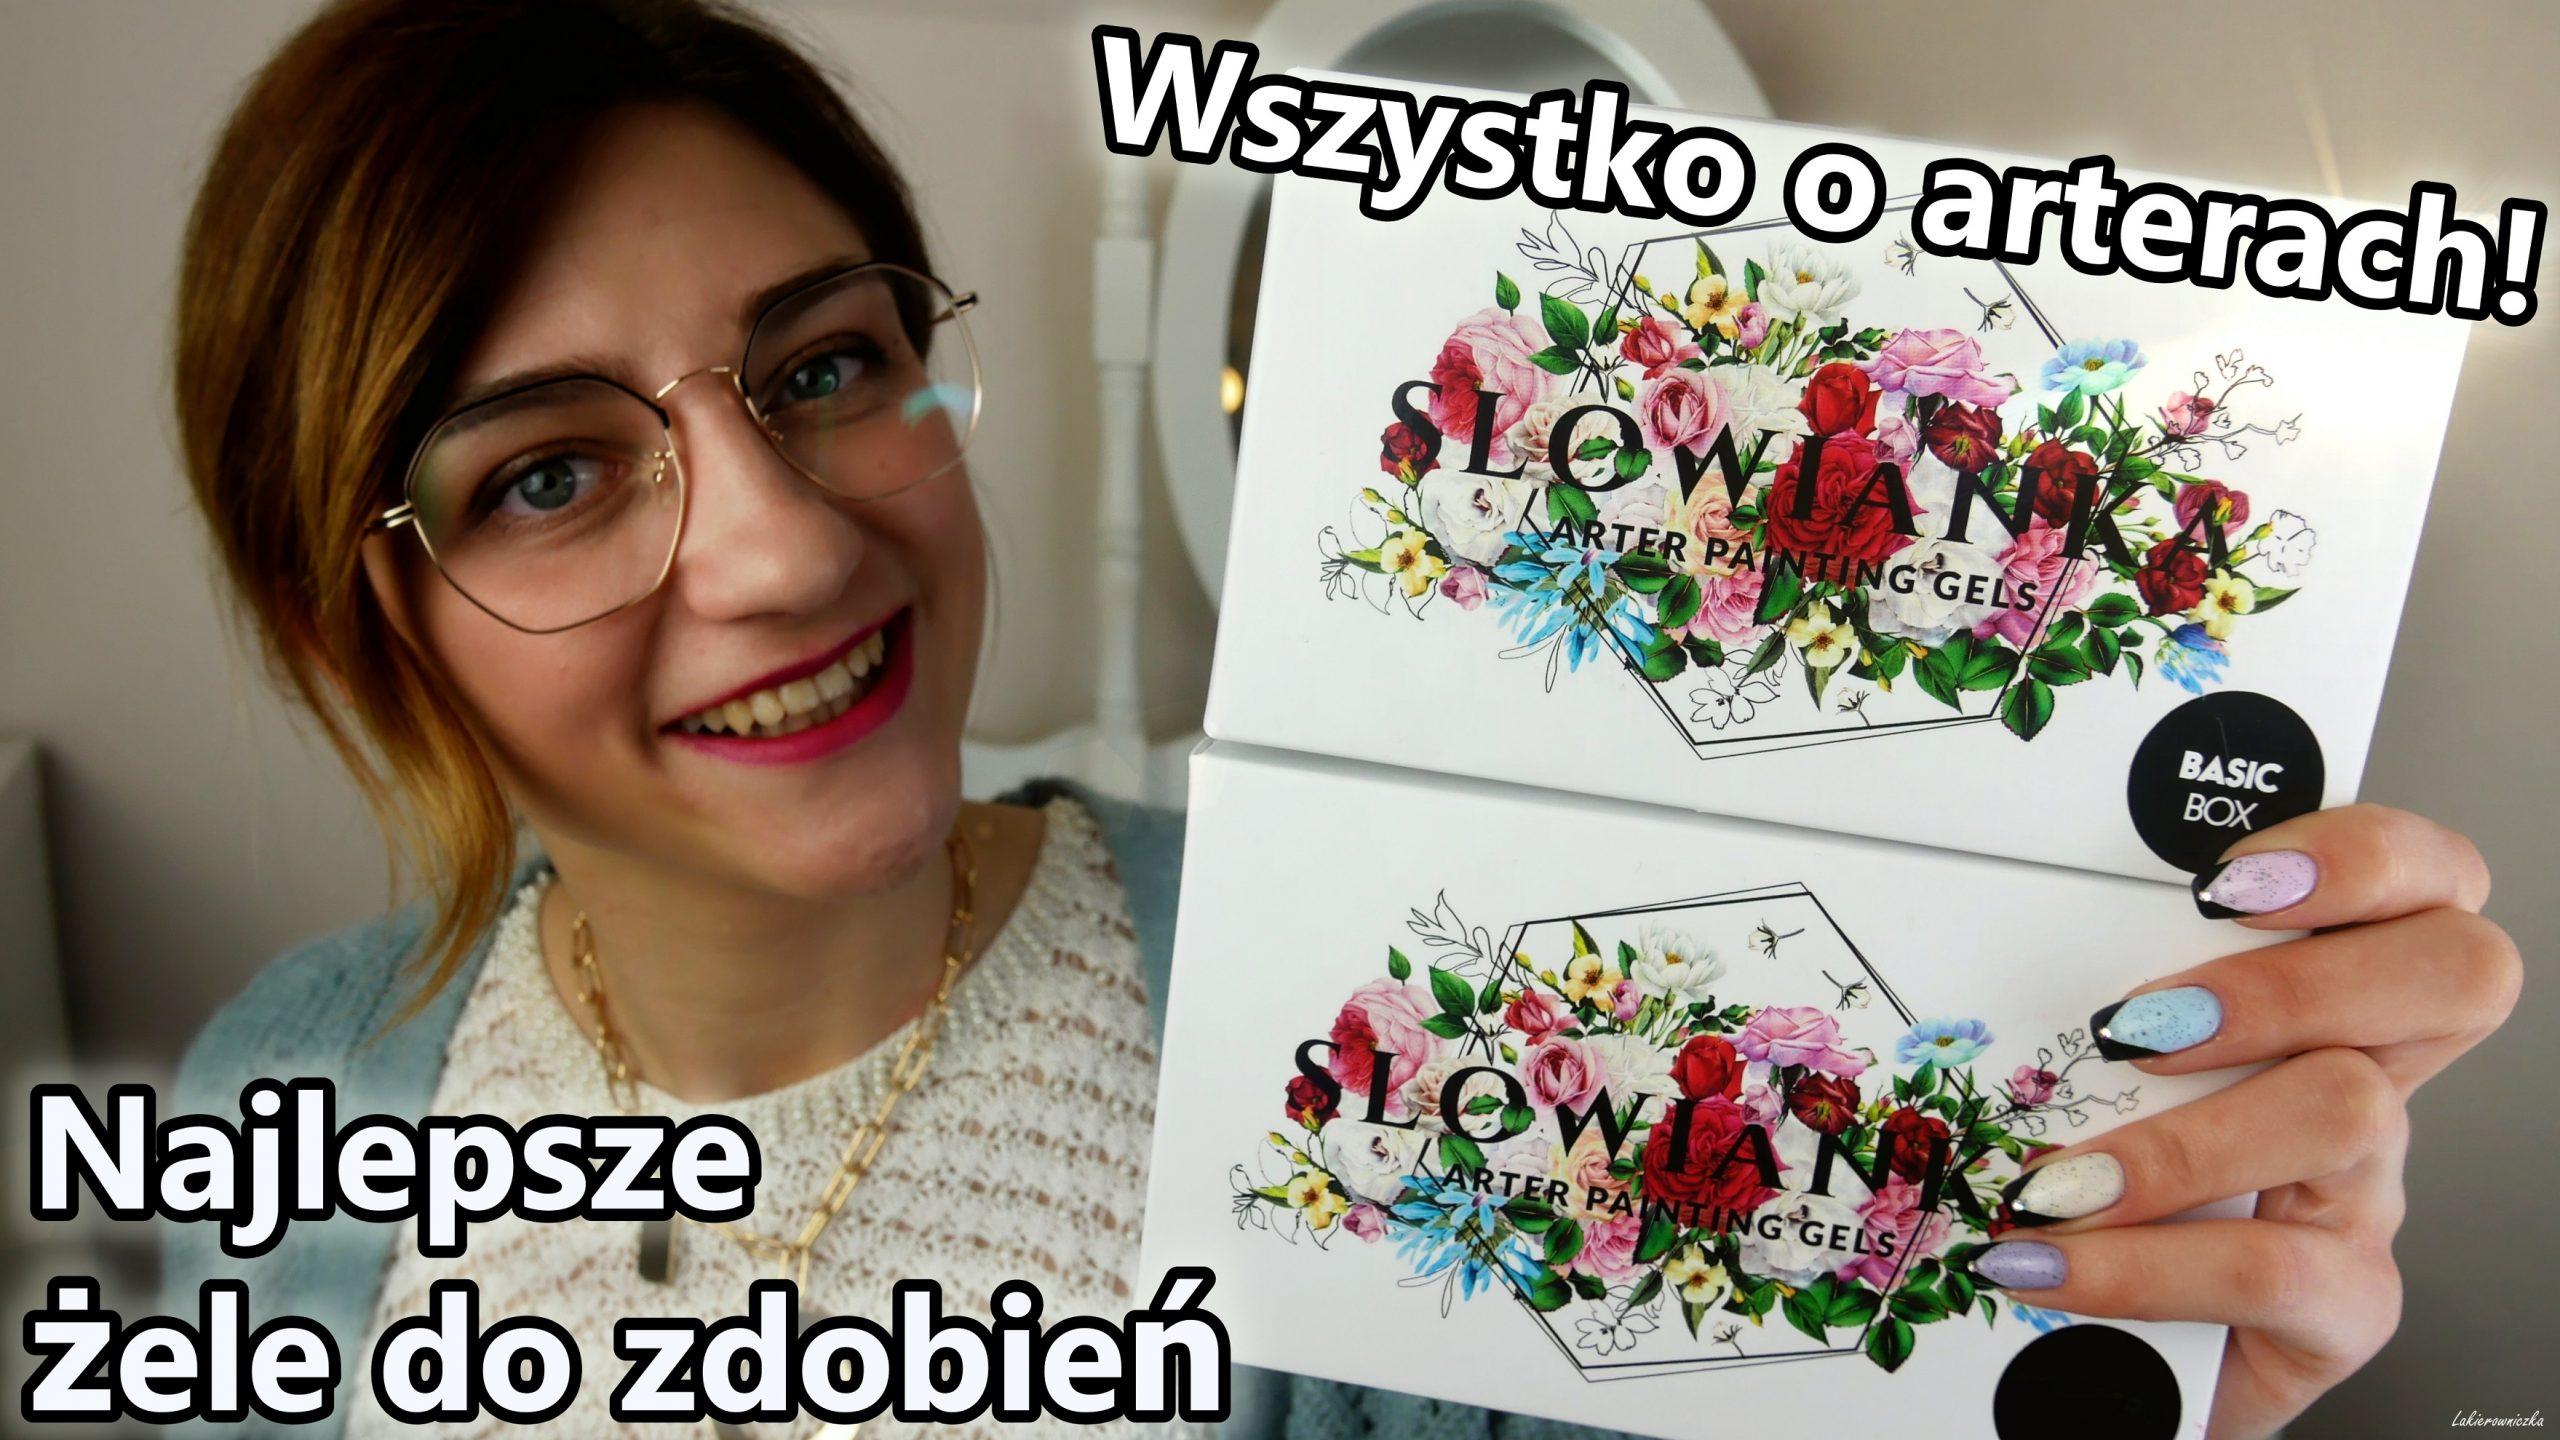 arter-painting-gel-najlepsze-zele=do-zdobien-nailart-Lakierowniczka